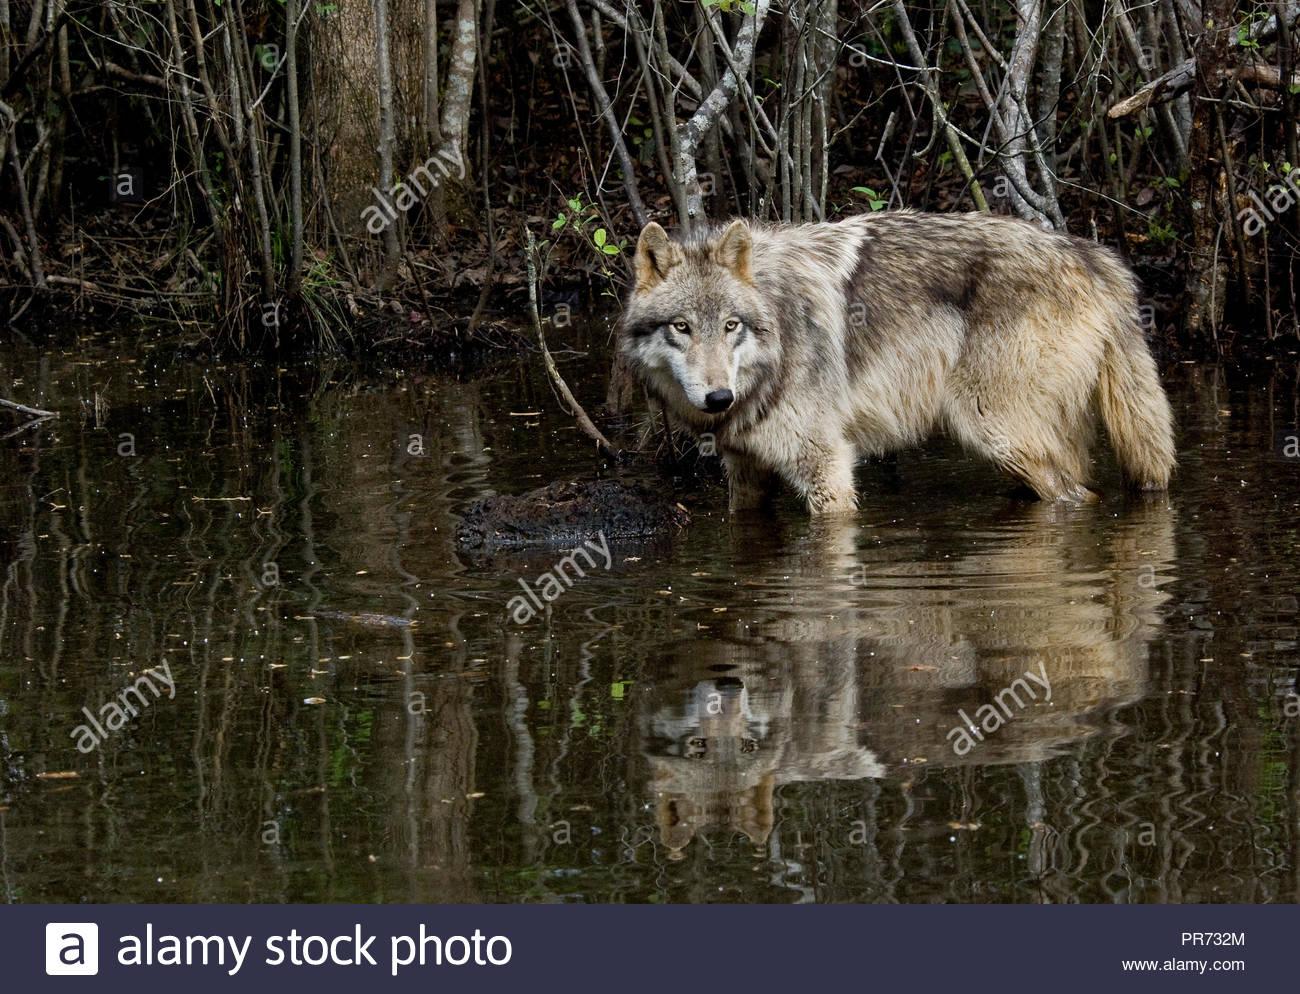 Grauer Wolf stehend in einem Teich mit Reflektion Stockbild